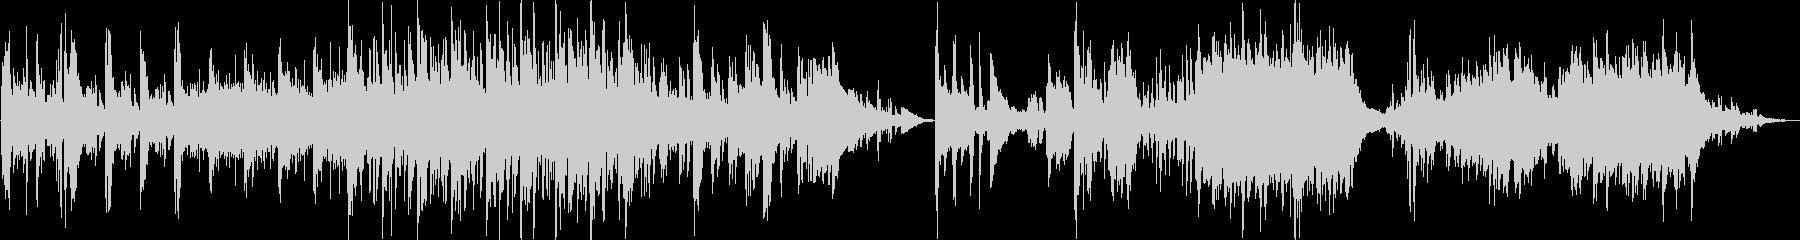 ピアノの動きが特徴的なオーケストラの未再生の波形